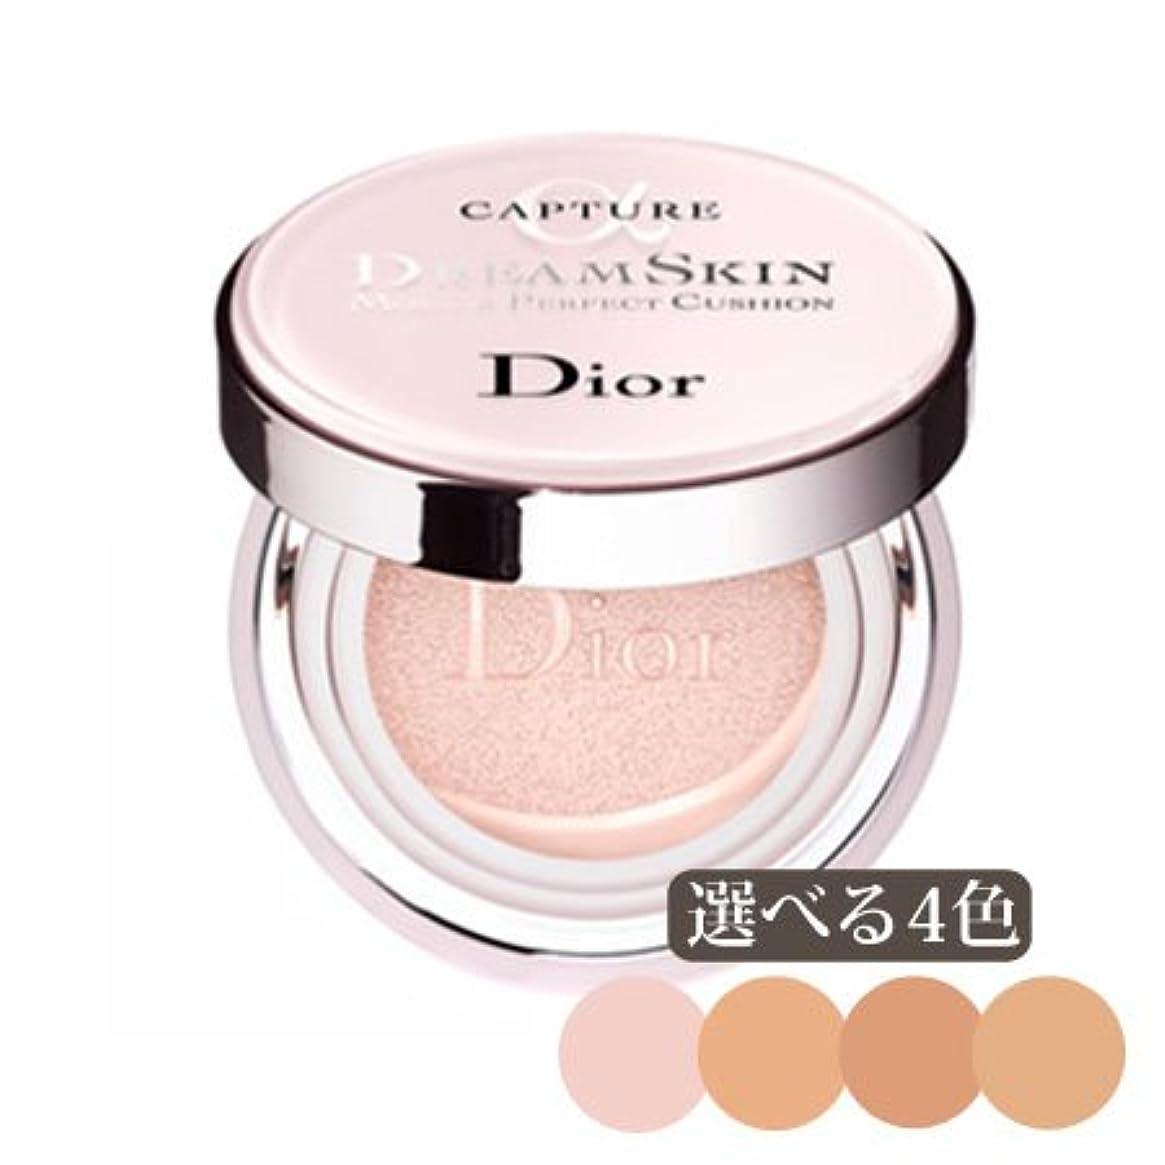 パイント持続する町ディオール カプチュール ドリームスキン モイスト クッション 選べる4色 -Dior- 012